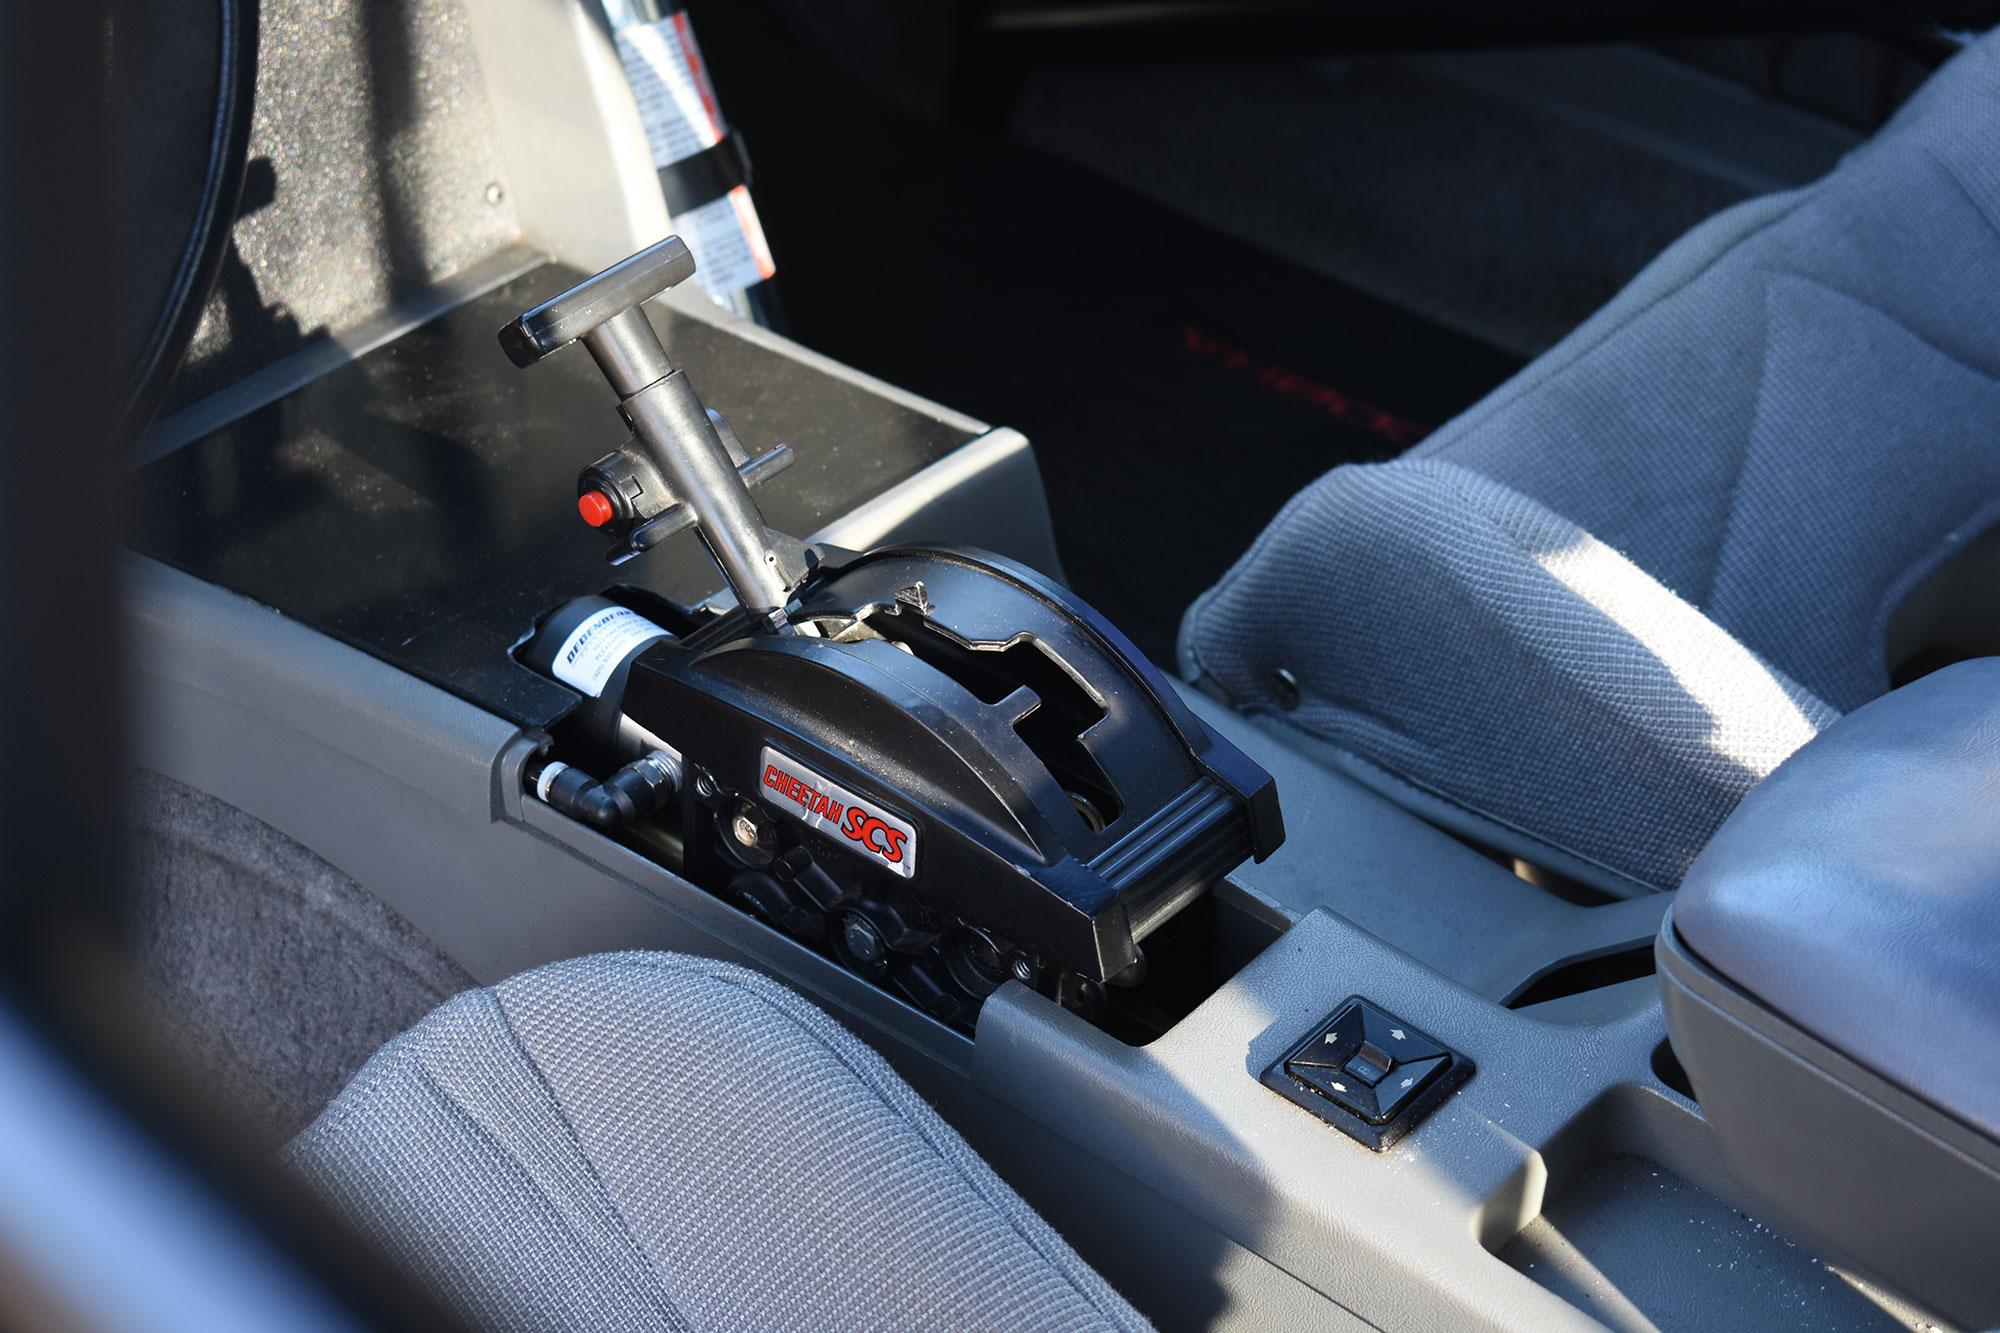 1988 Fox-body Mustang race car shifter